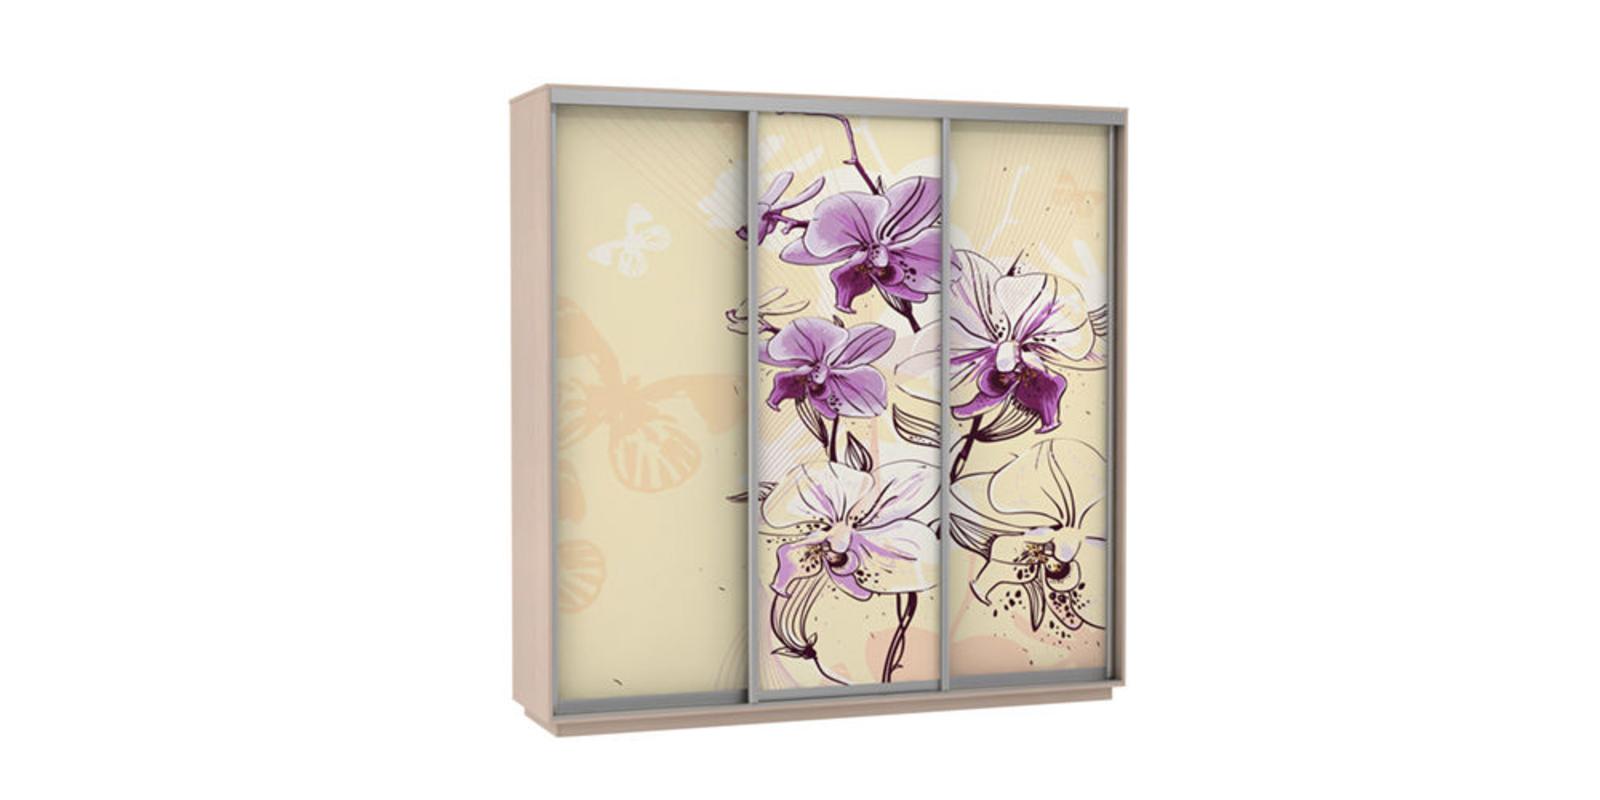 Шкаф-купе трехдверный Байкал 240 см (дуб молочный/орхидея)